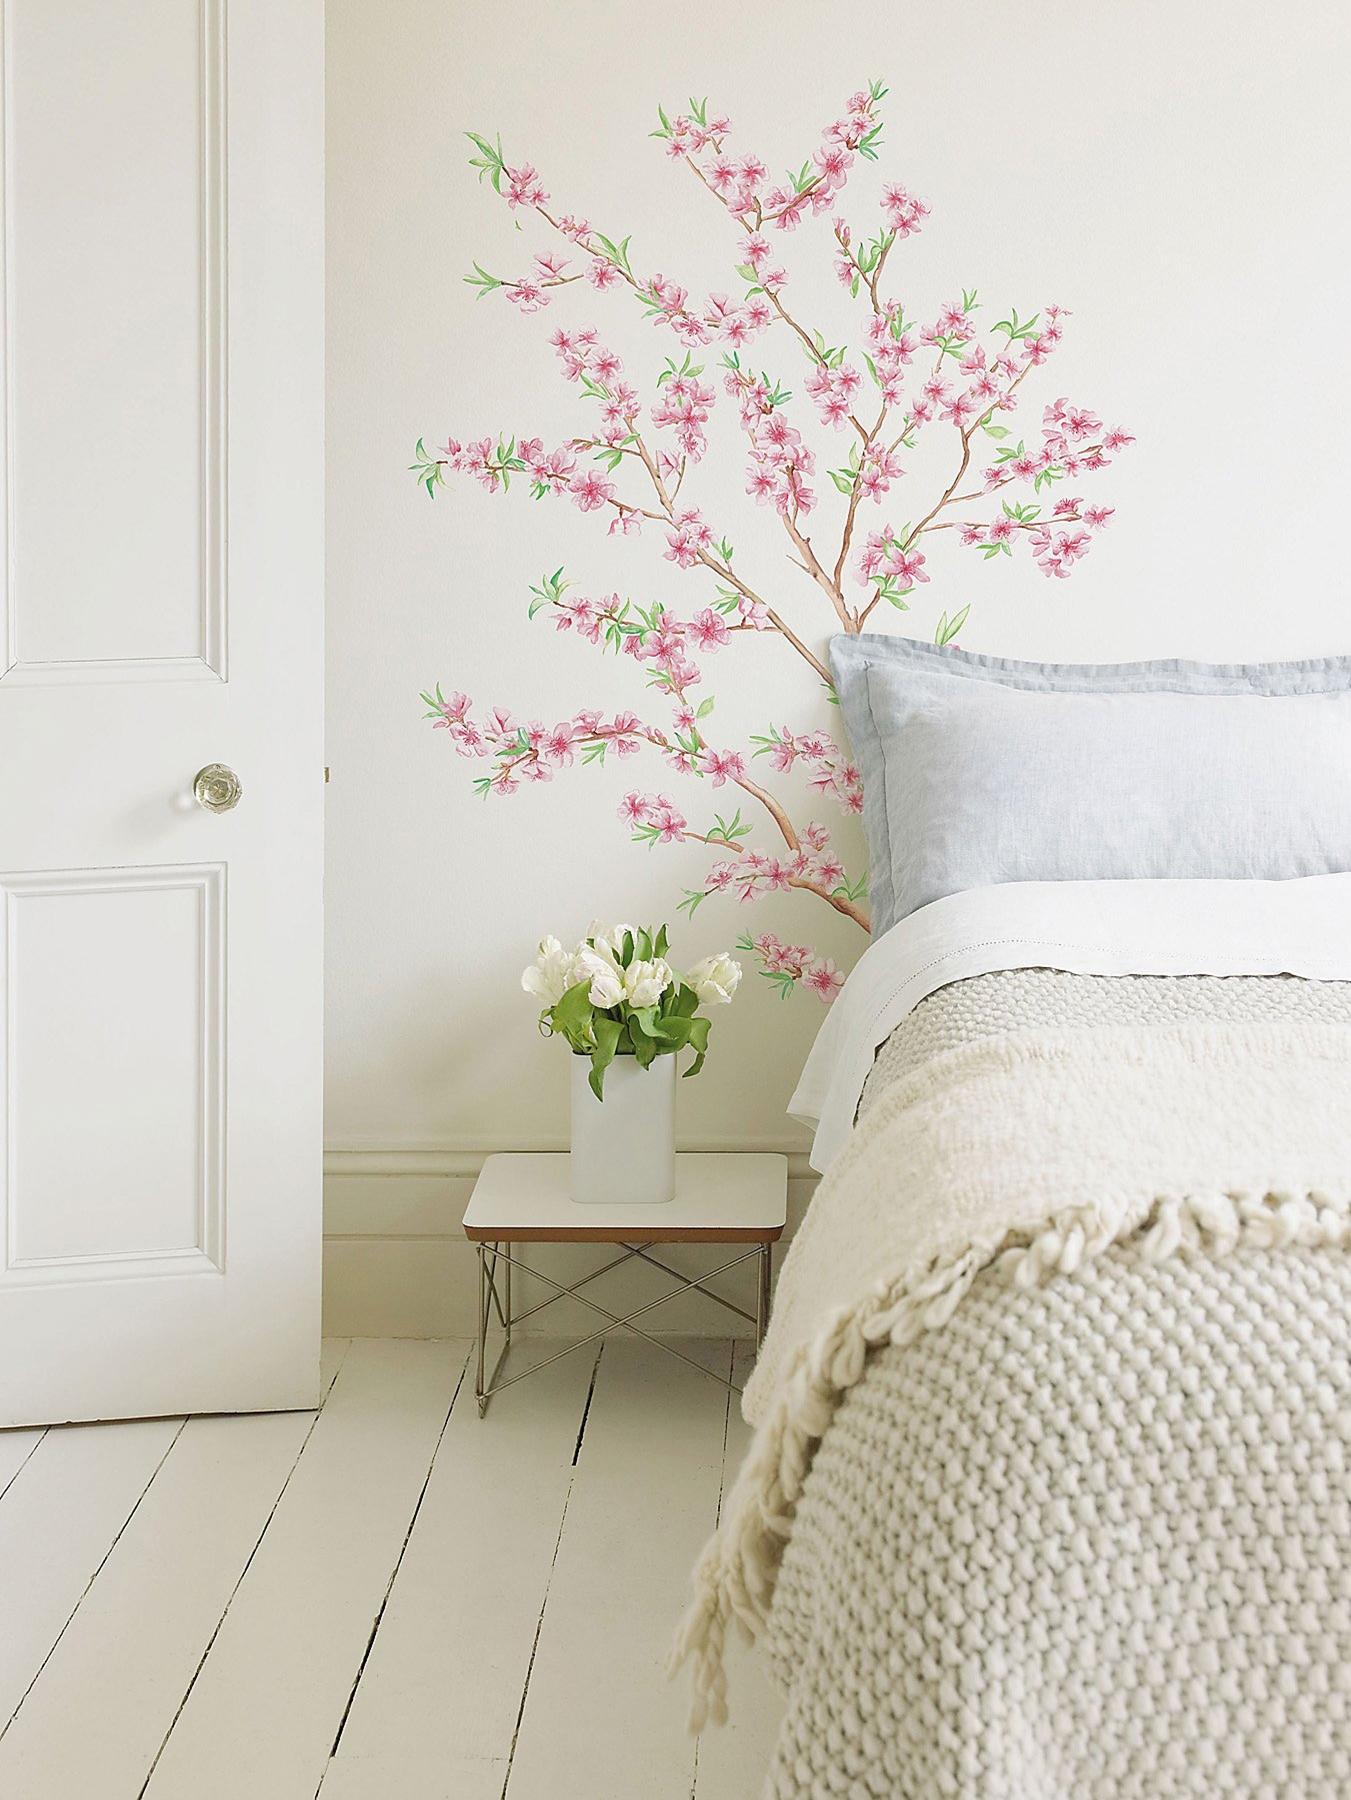 Slaapkamers 10 manieren om je slaapkamer een nieuwe frisse look te geven archana nl - Muur kamer kind ...